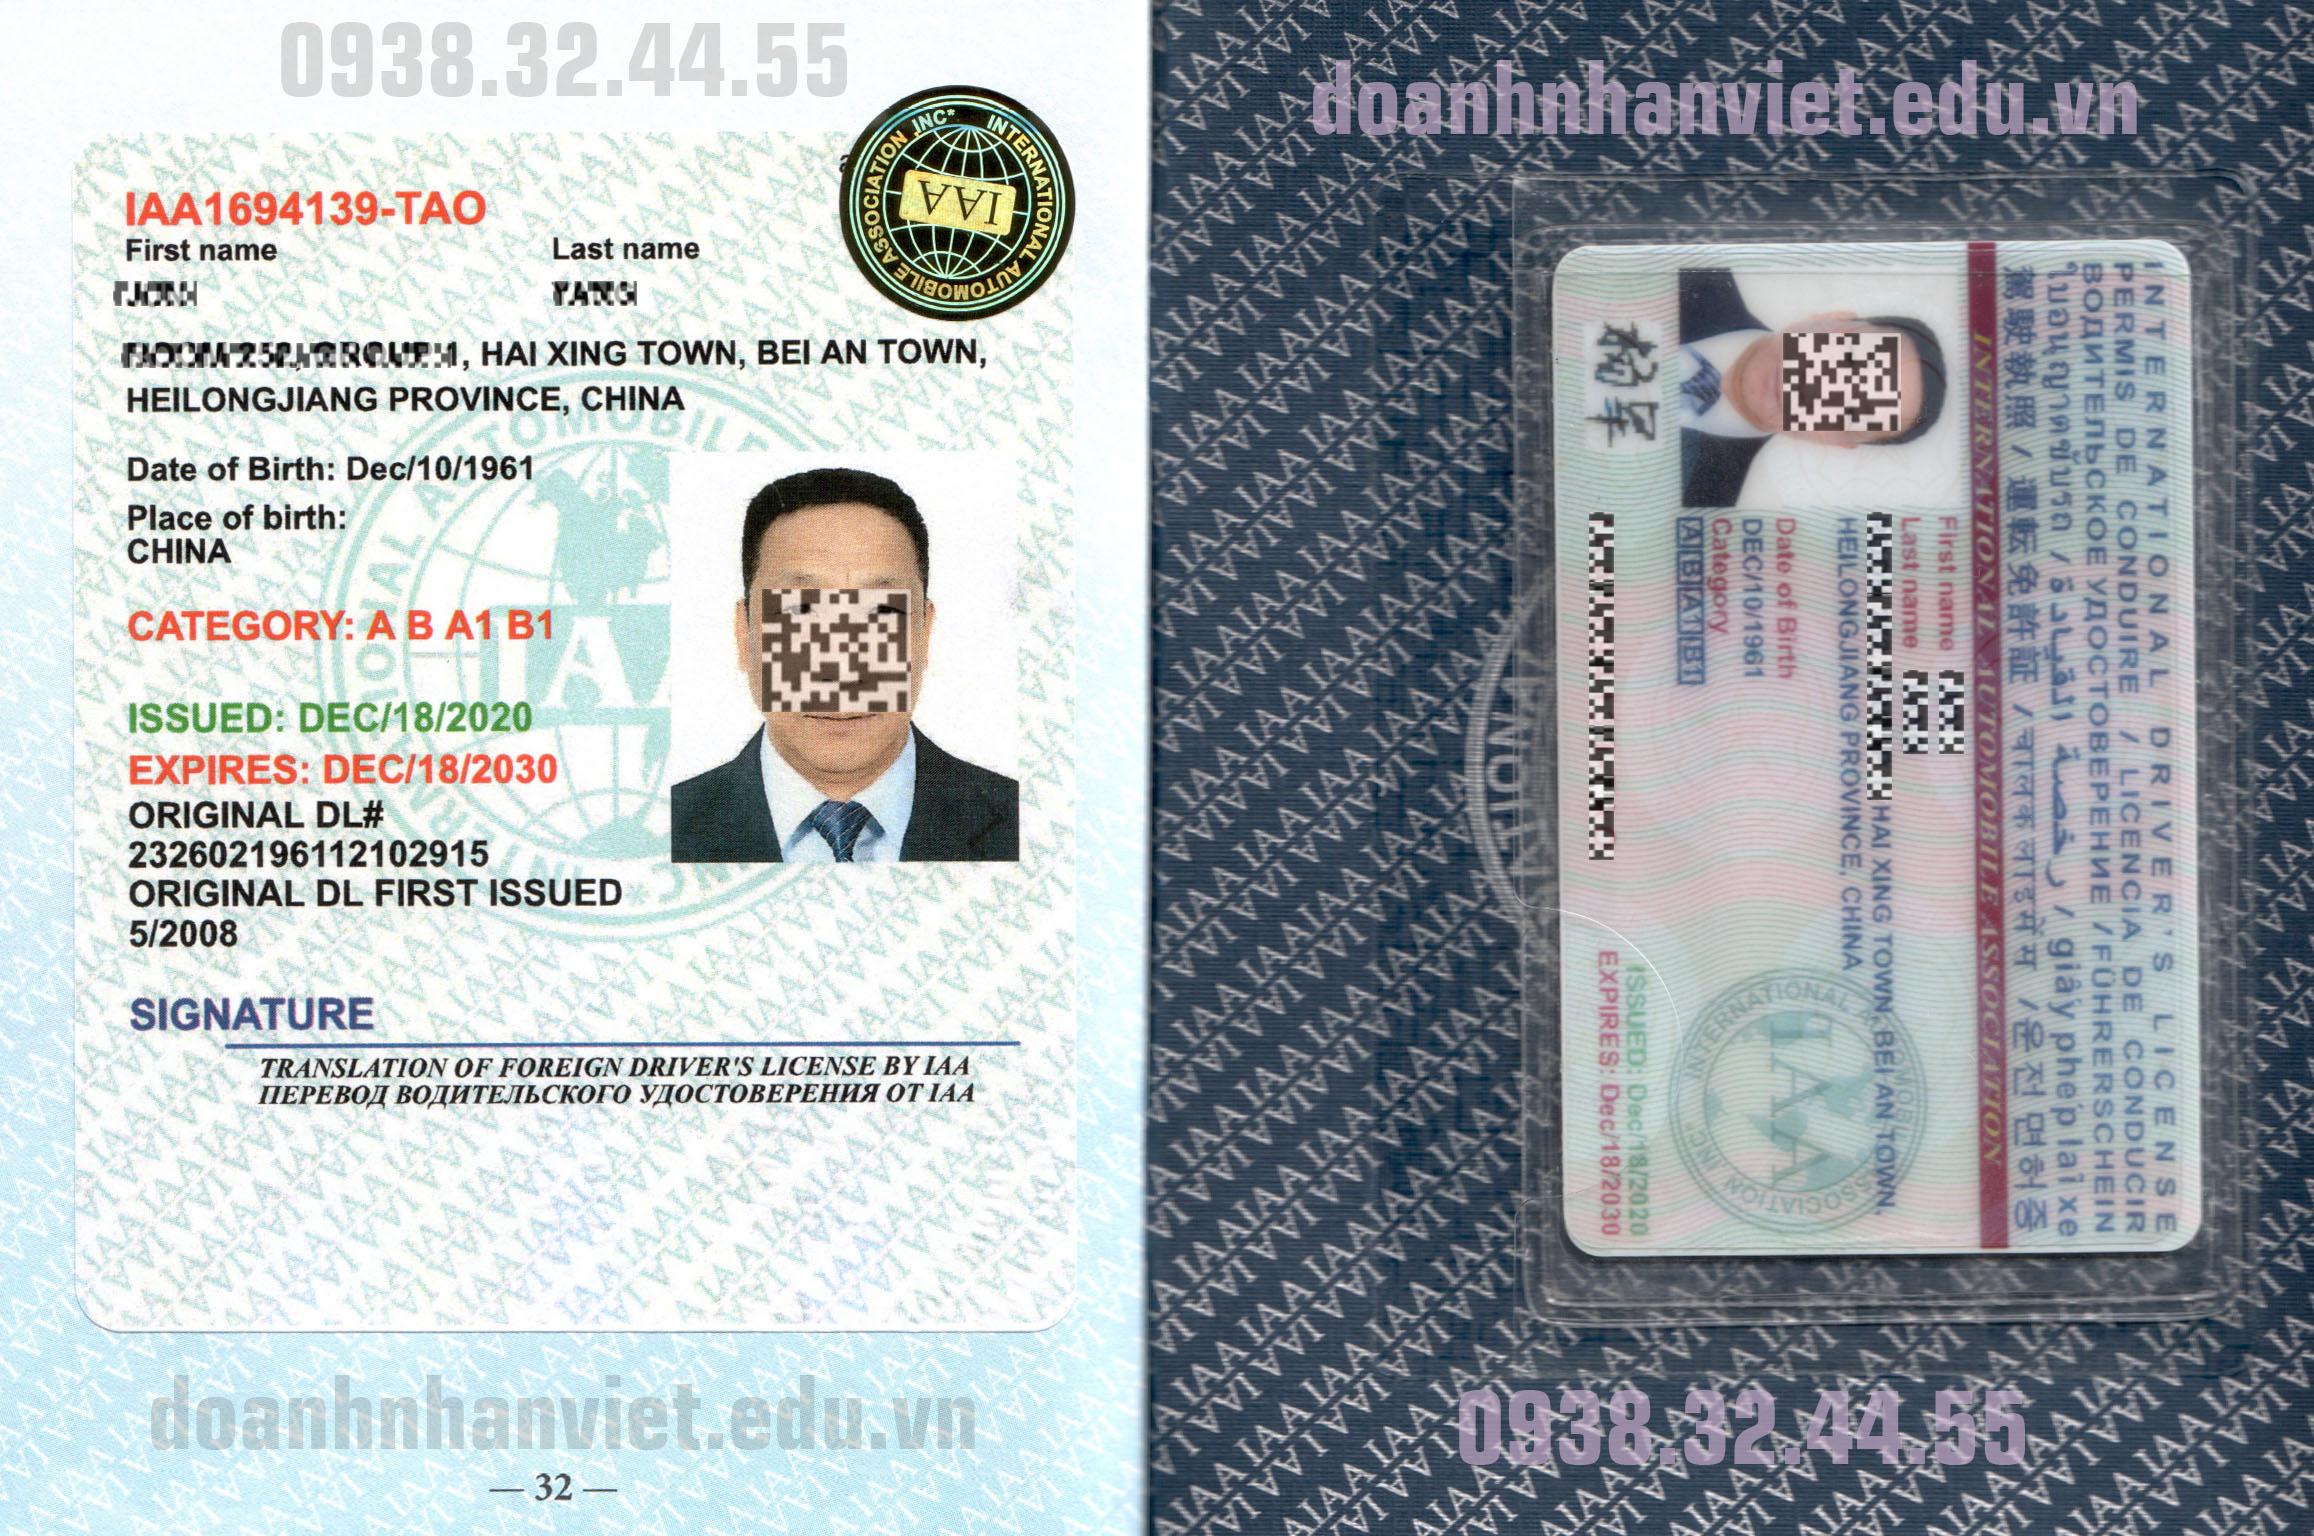 Đổi bằng lái xe Việt Nam sang Quốc Tế IAA